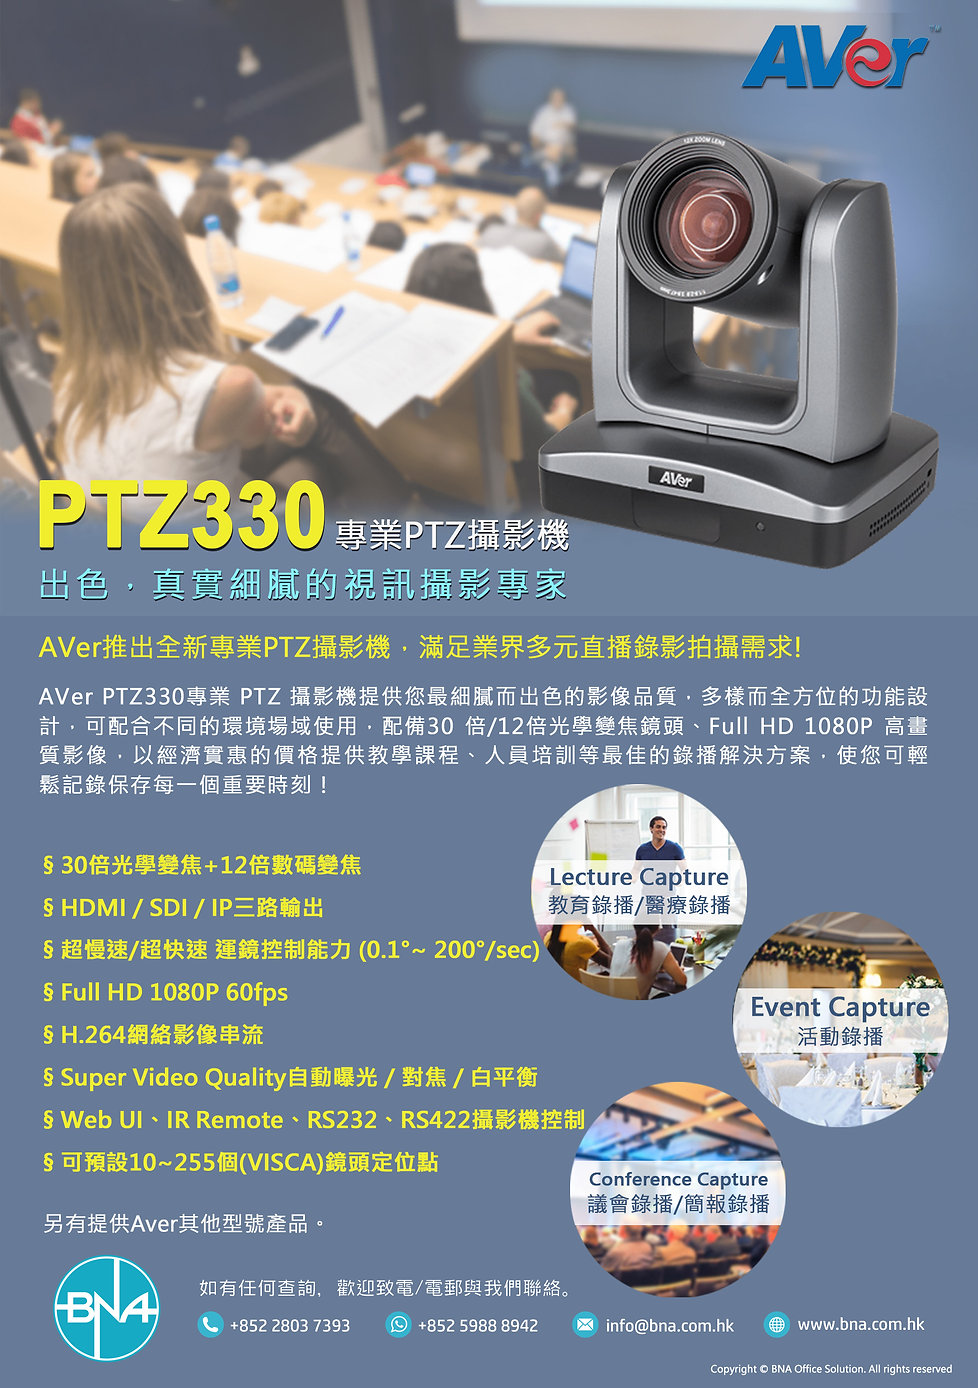 AVER PTZ330.jpg